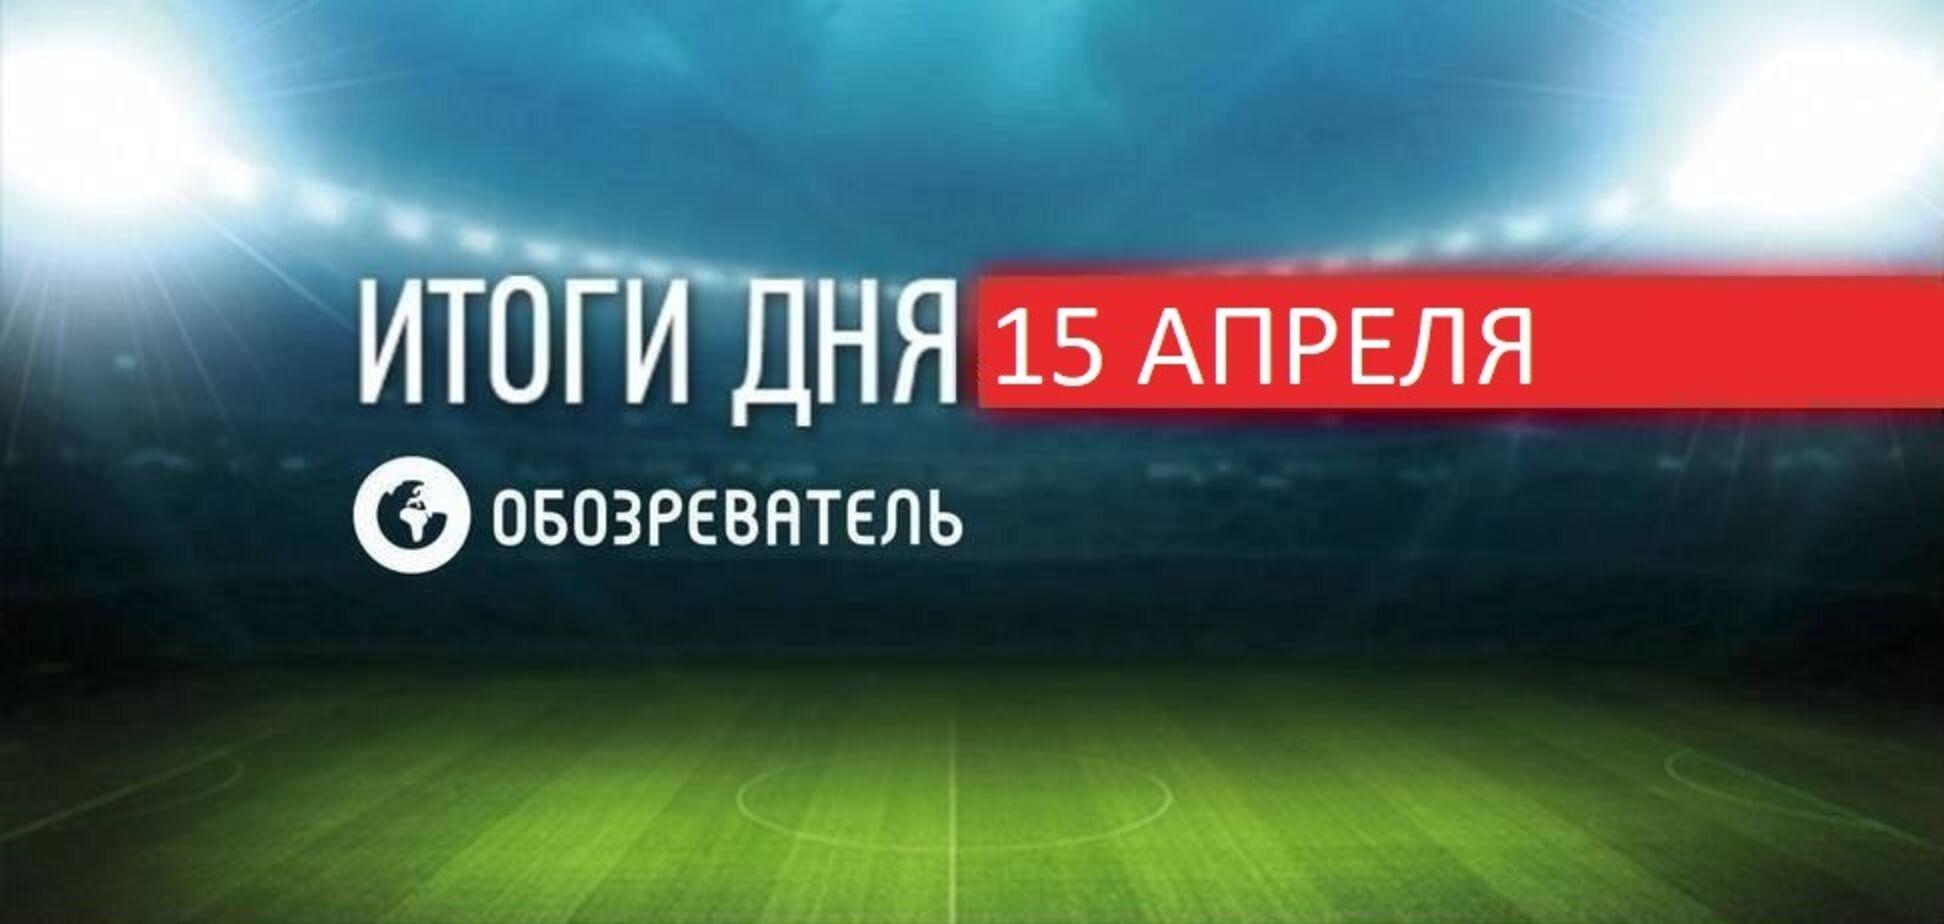 Новости спорта 15 апреля: Гвоздик выступил против боя Усик – Джошуа